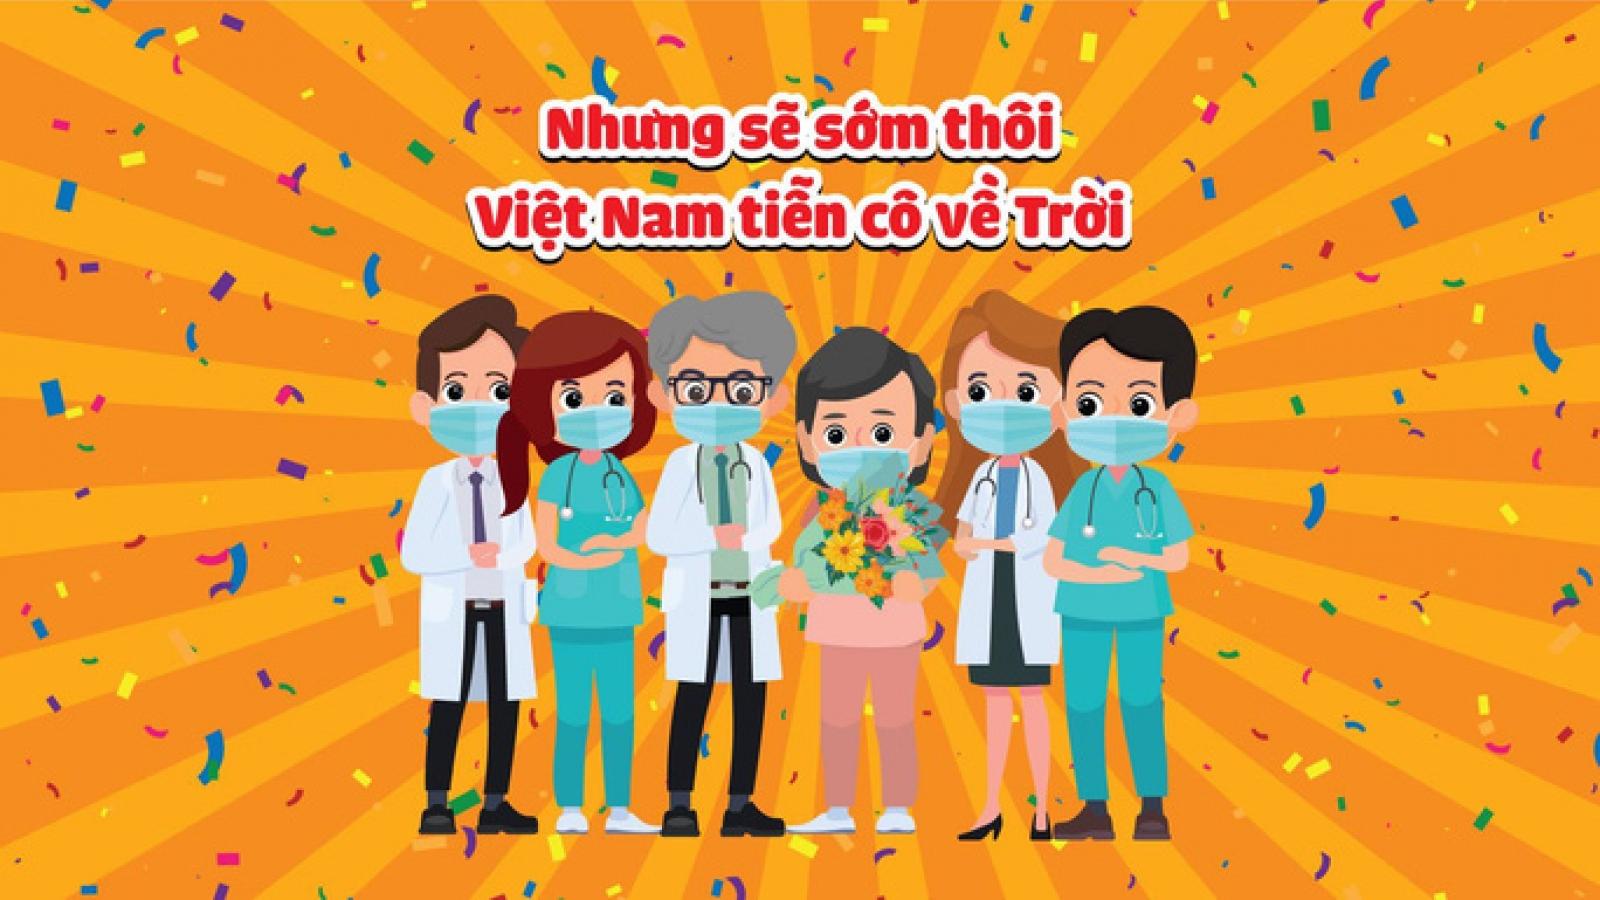 """Lê Thiện Hiếu tung MV """"Tiễn Covid"""" chống dịch lạc quan, vui nhộn"""